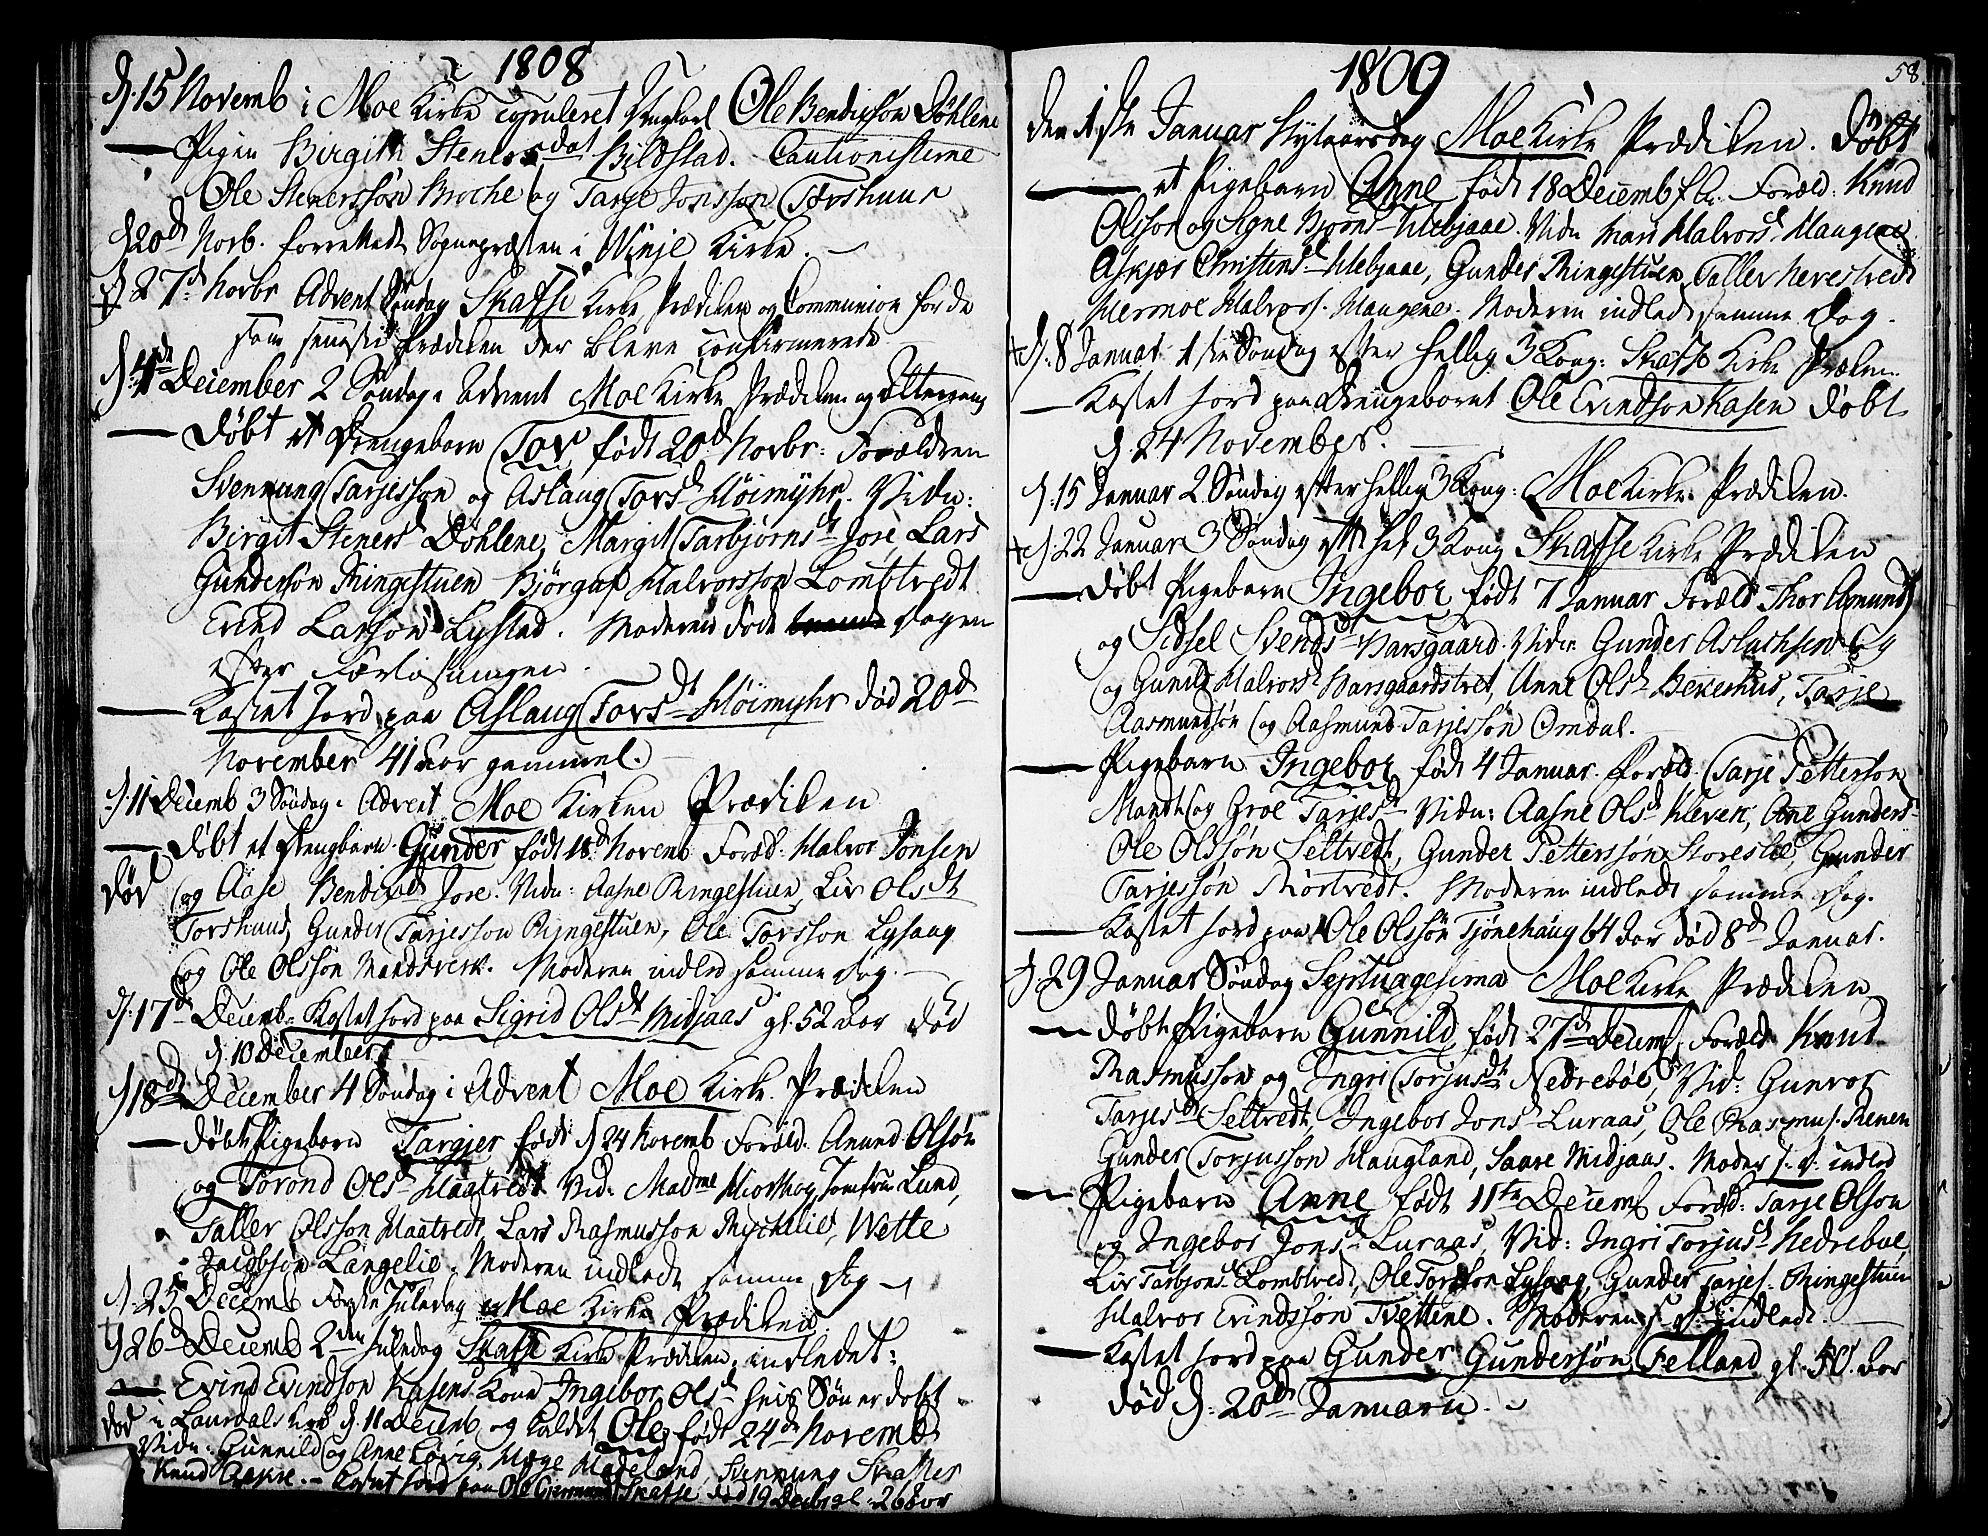 SAKO, Mo kirkebøker, F/Fa/L0003: Ministerialbok nr. I 3, 1800-1814, s. 58